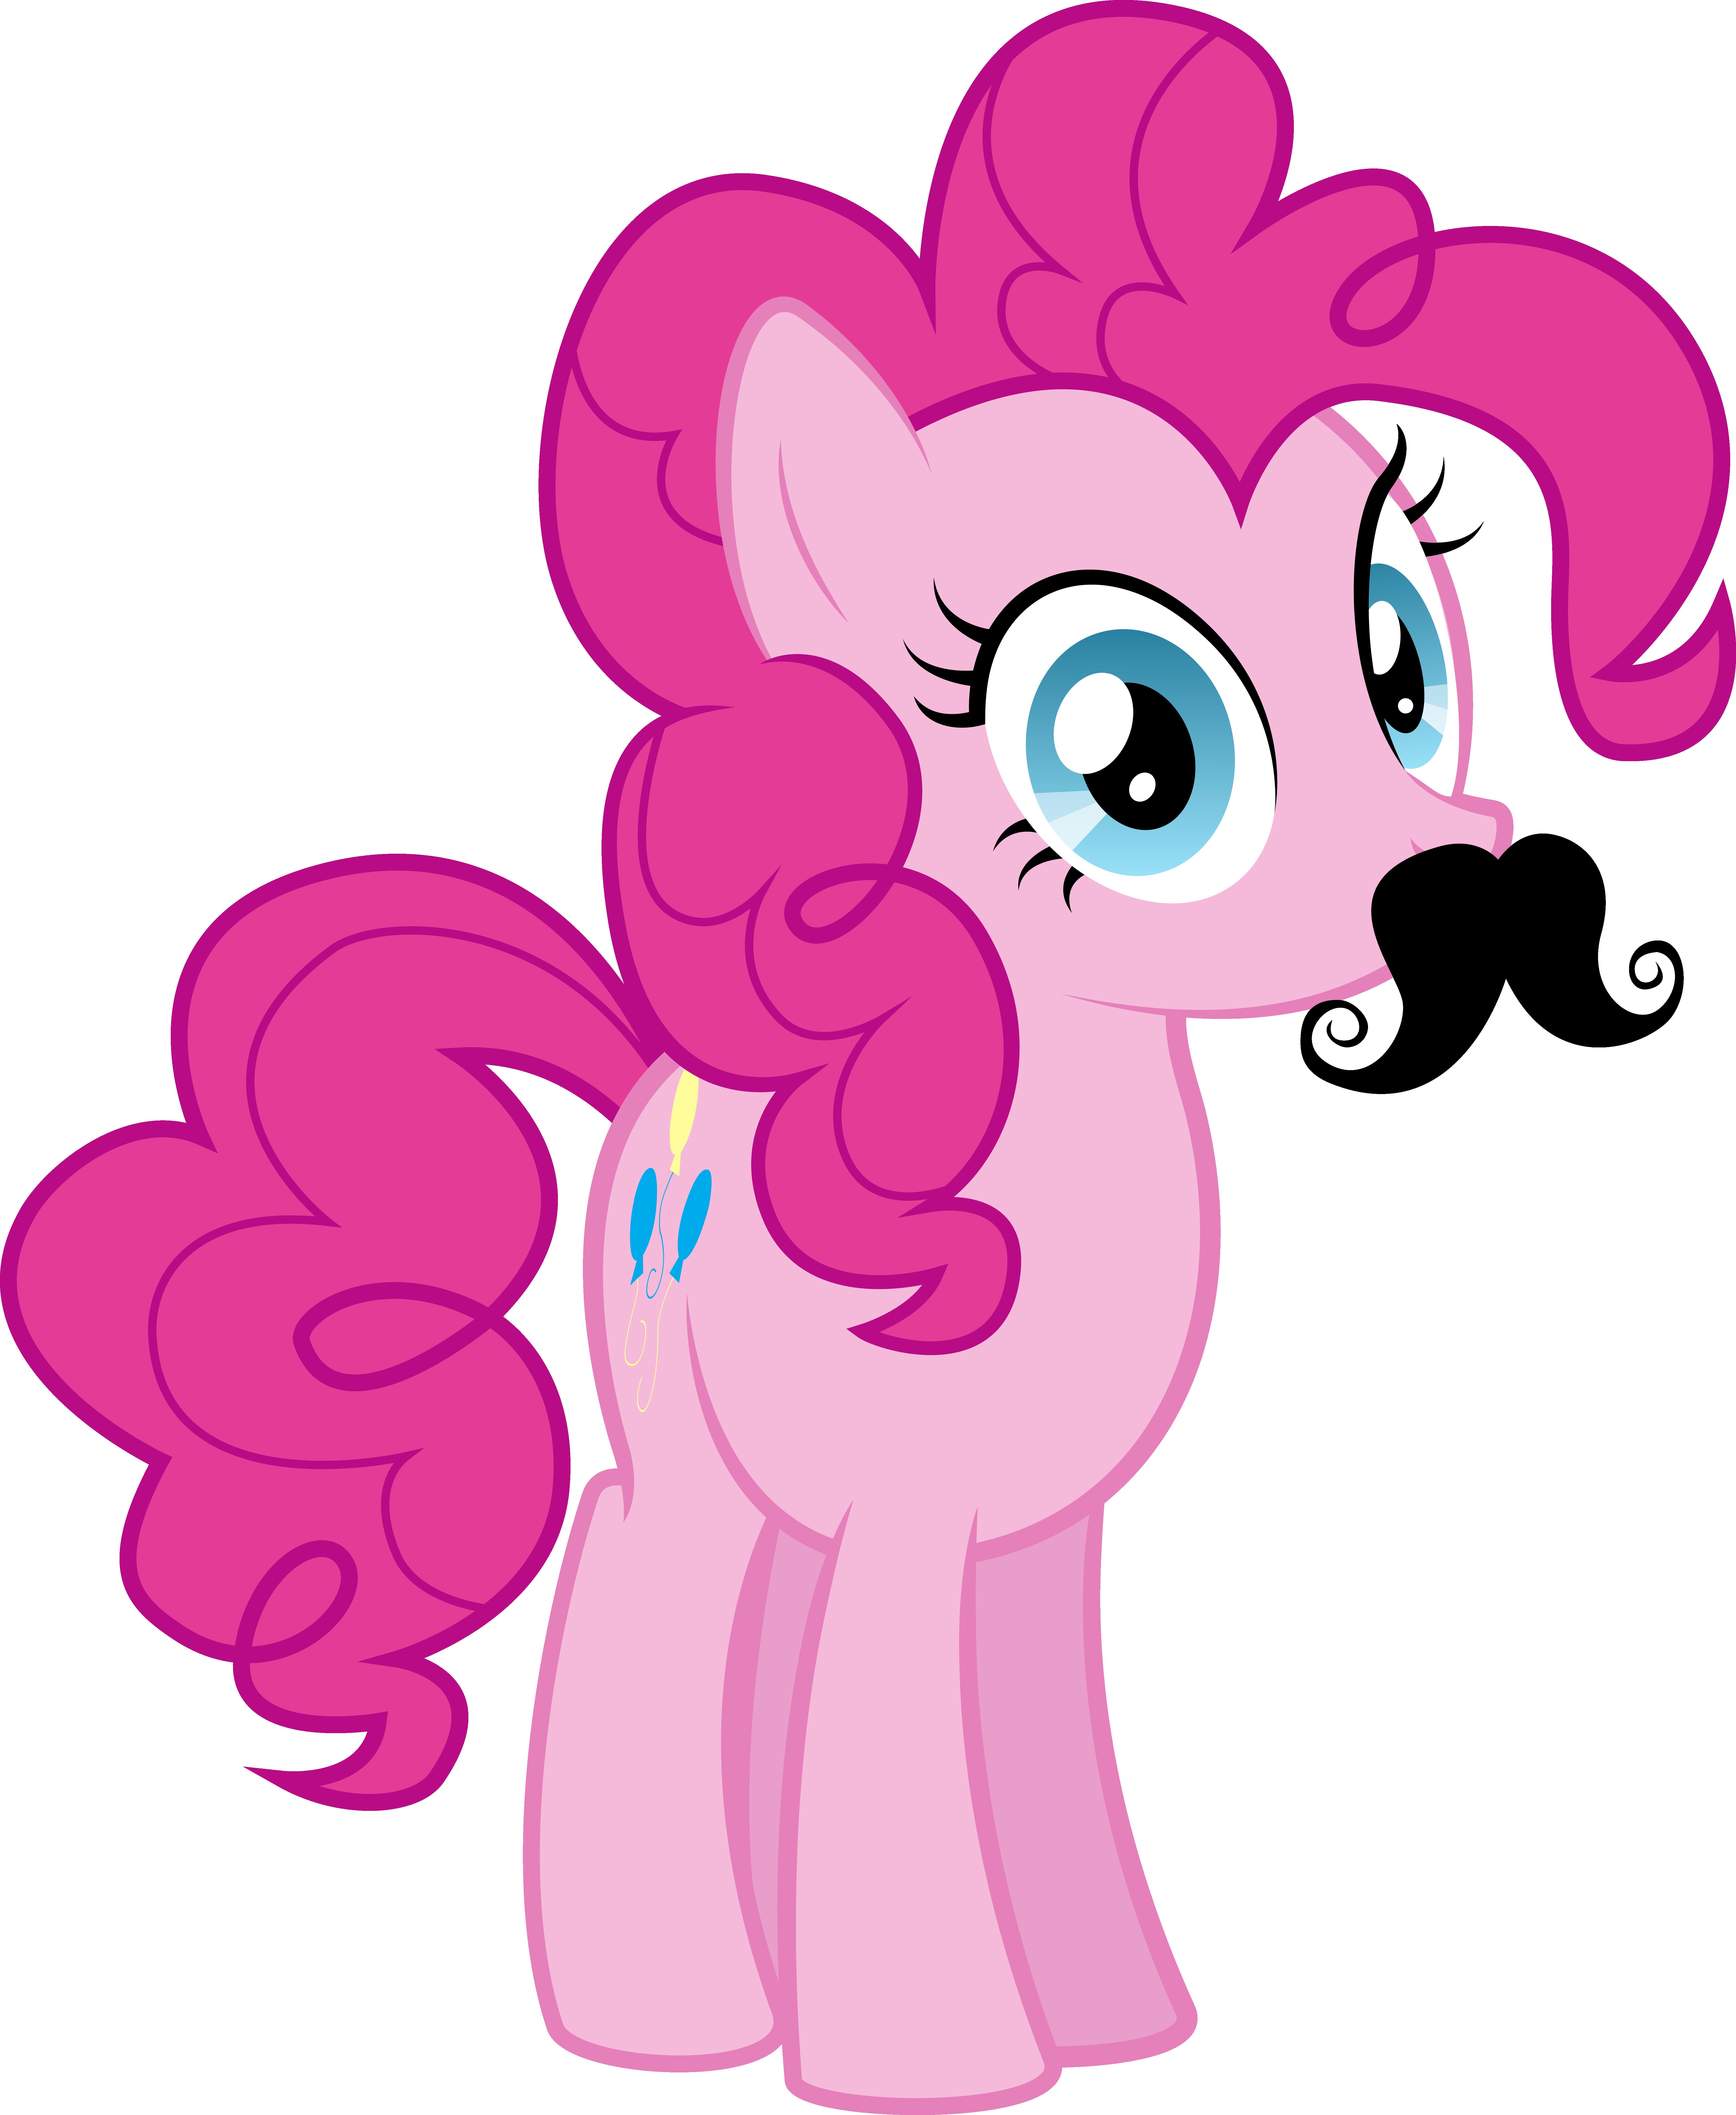 Moustache Pinkie Pie by Silentmatten